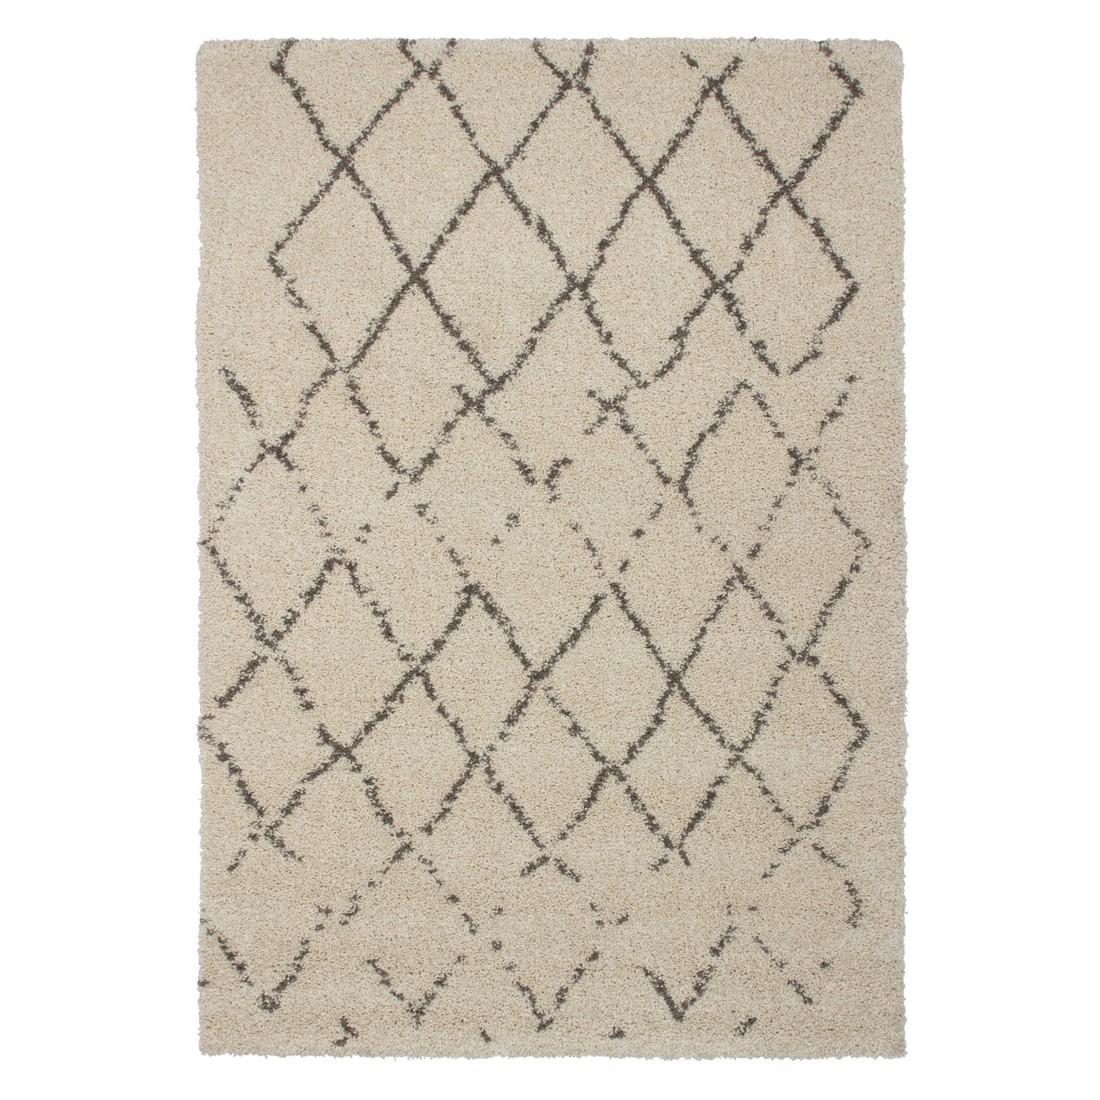 Teppich Tanger V – Beige – 80 x 150 cm, Obsession jetzt kaufen